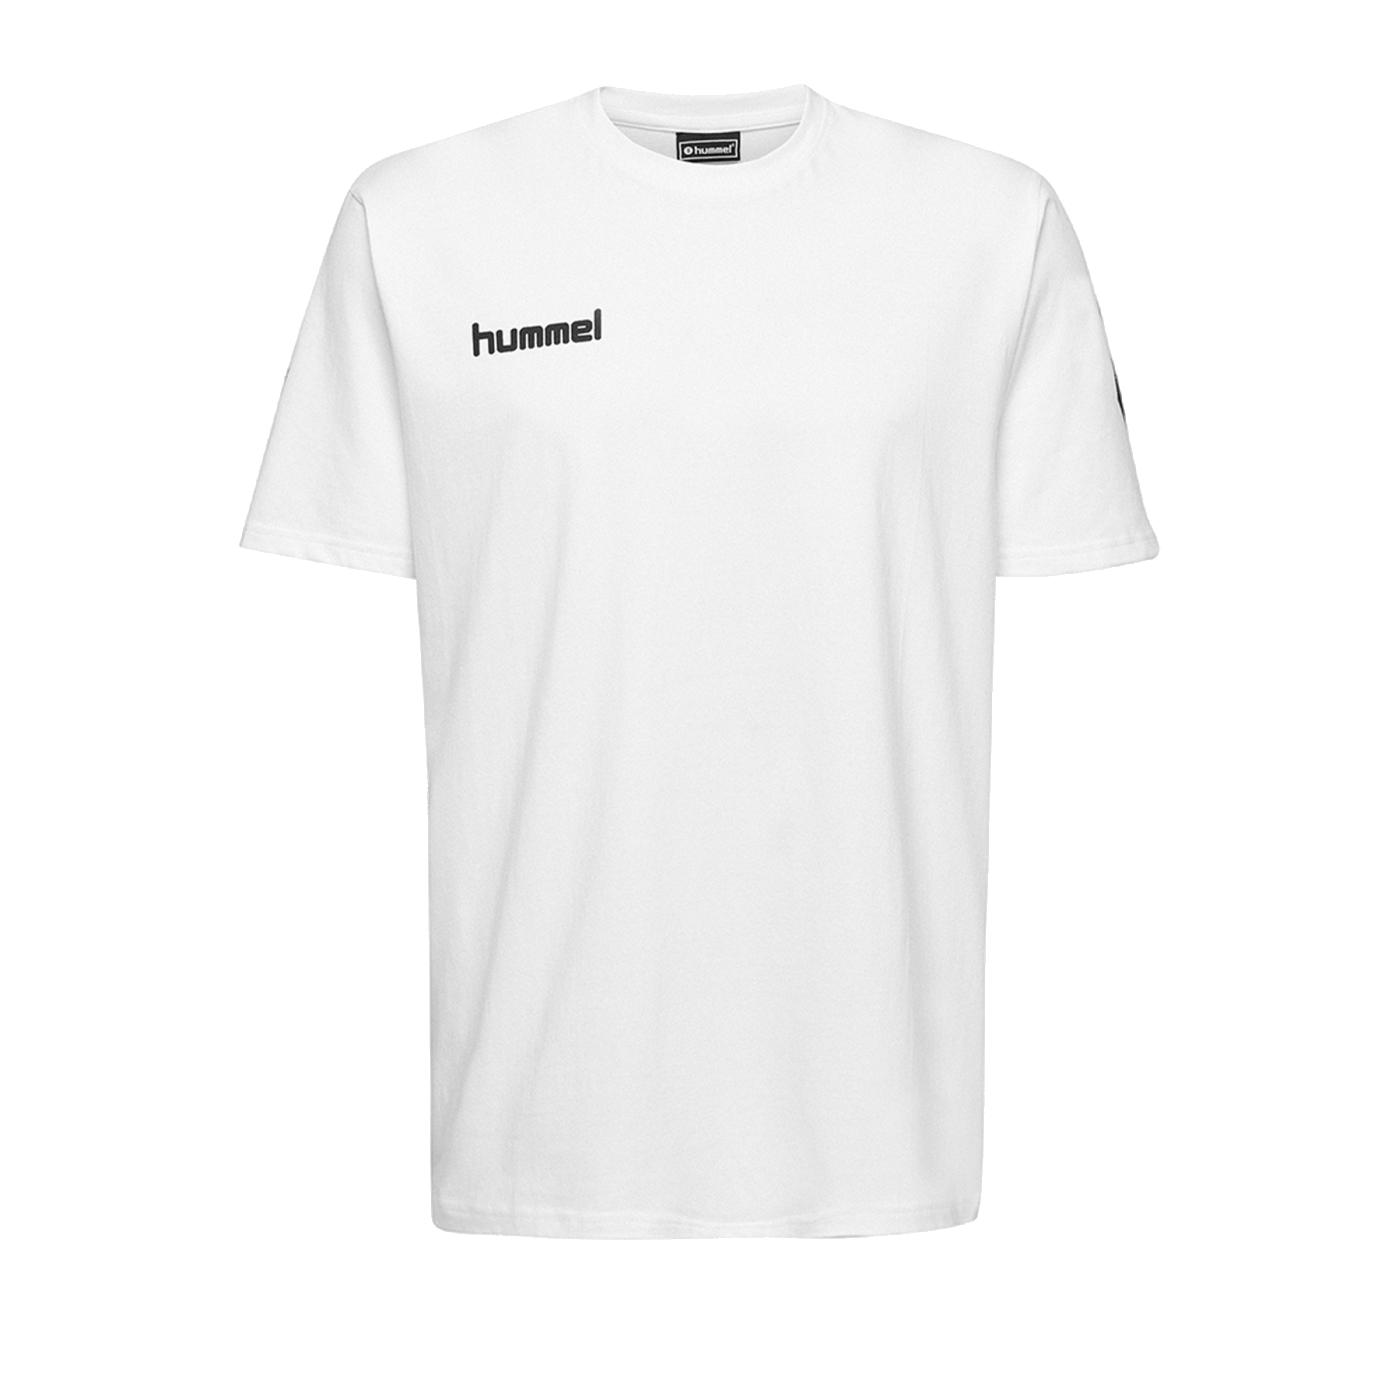 Hummel Cotton T-Shirt Weiss F9001 - Weiss